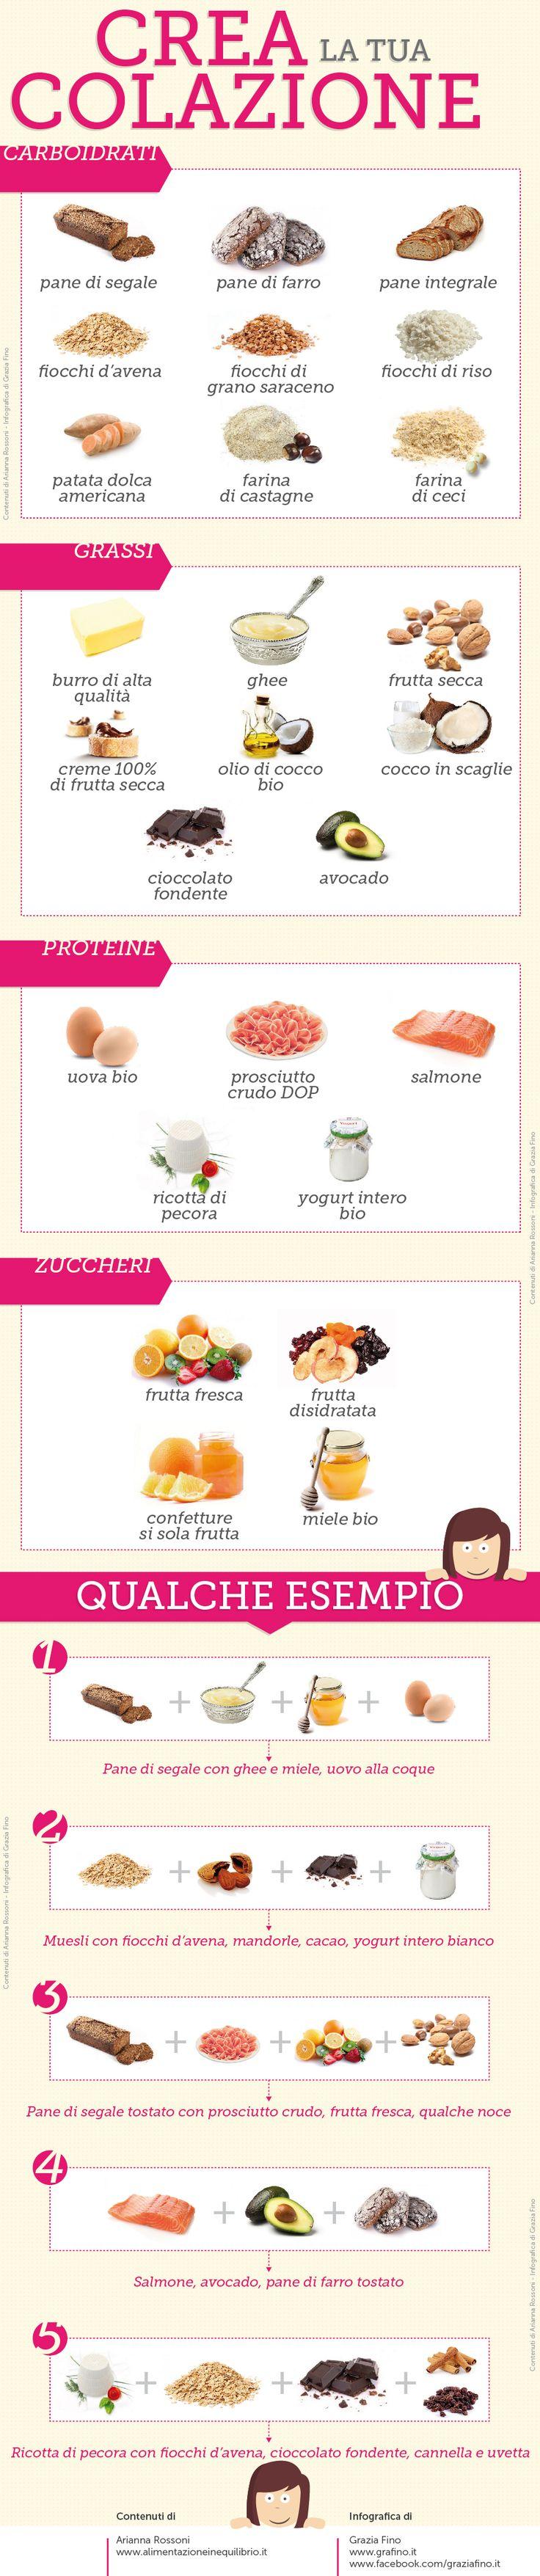 Crea la tua colazione sana